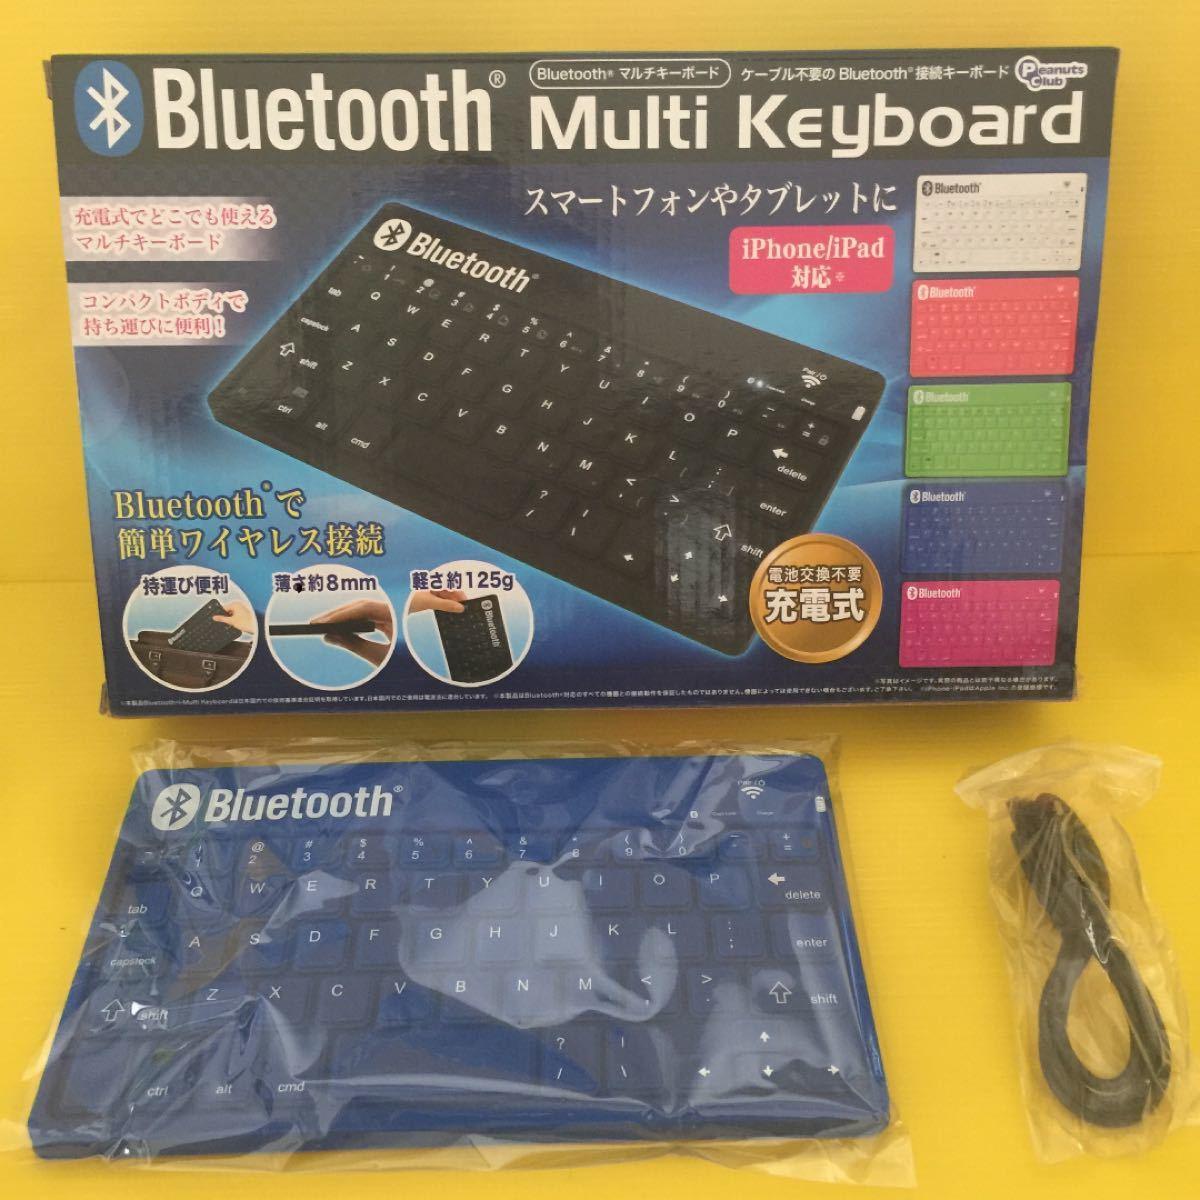 Bluetooth マルチ キーボード